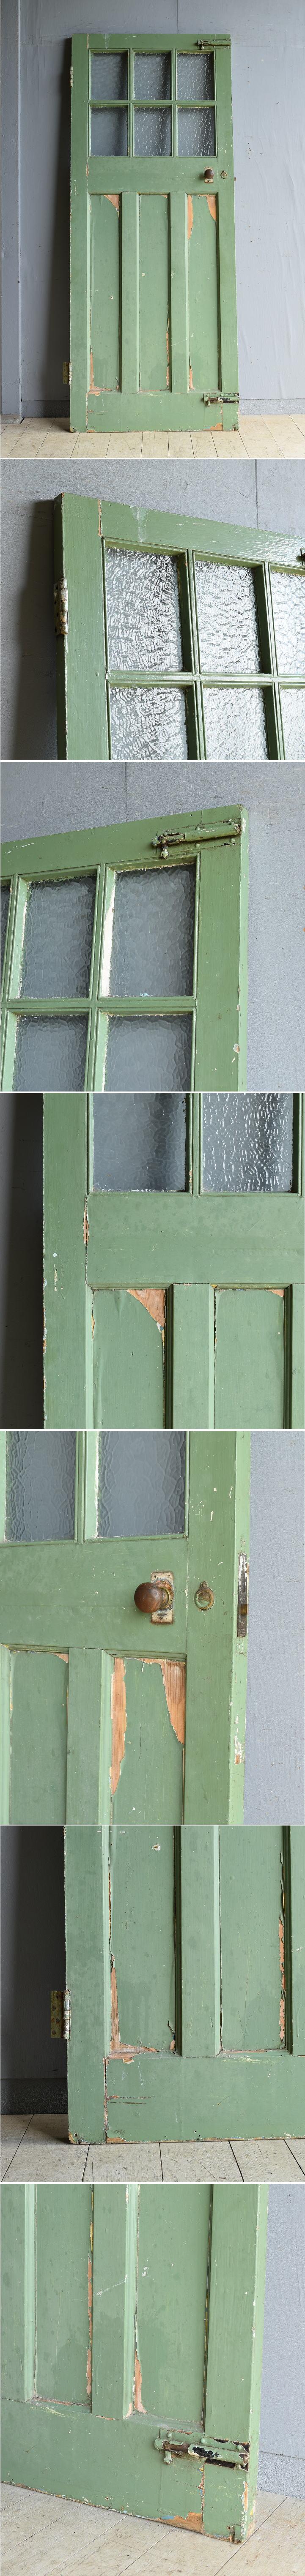 イギリス アンティーク ドア 扉 建具 9574